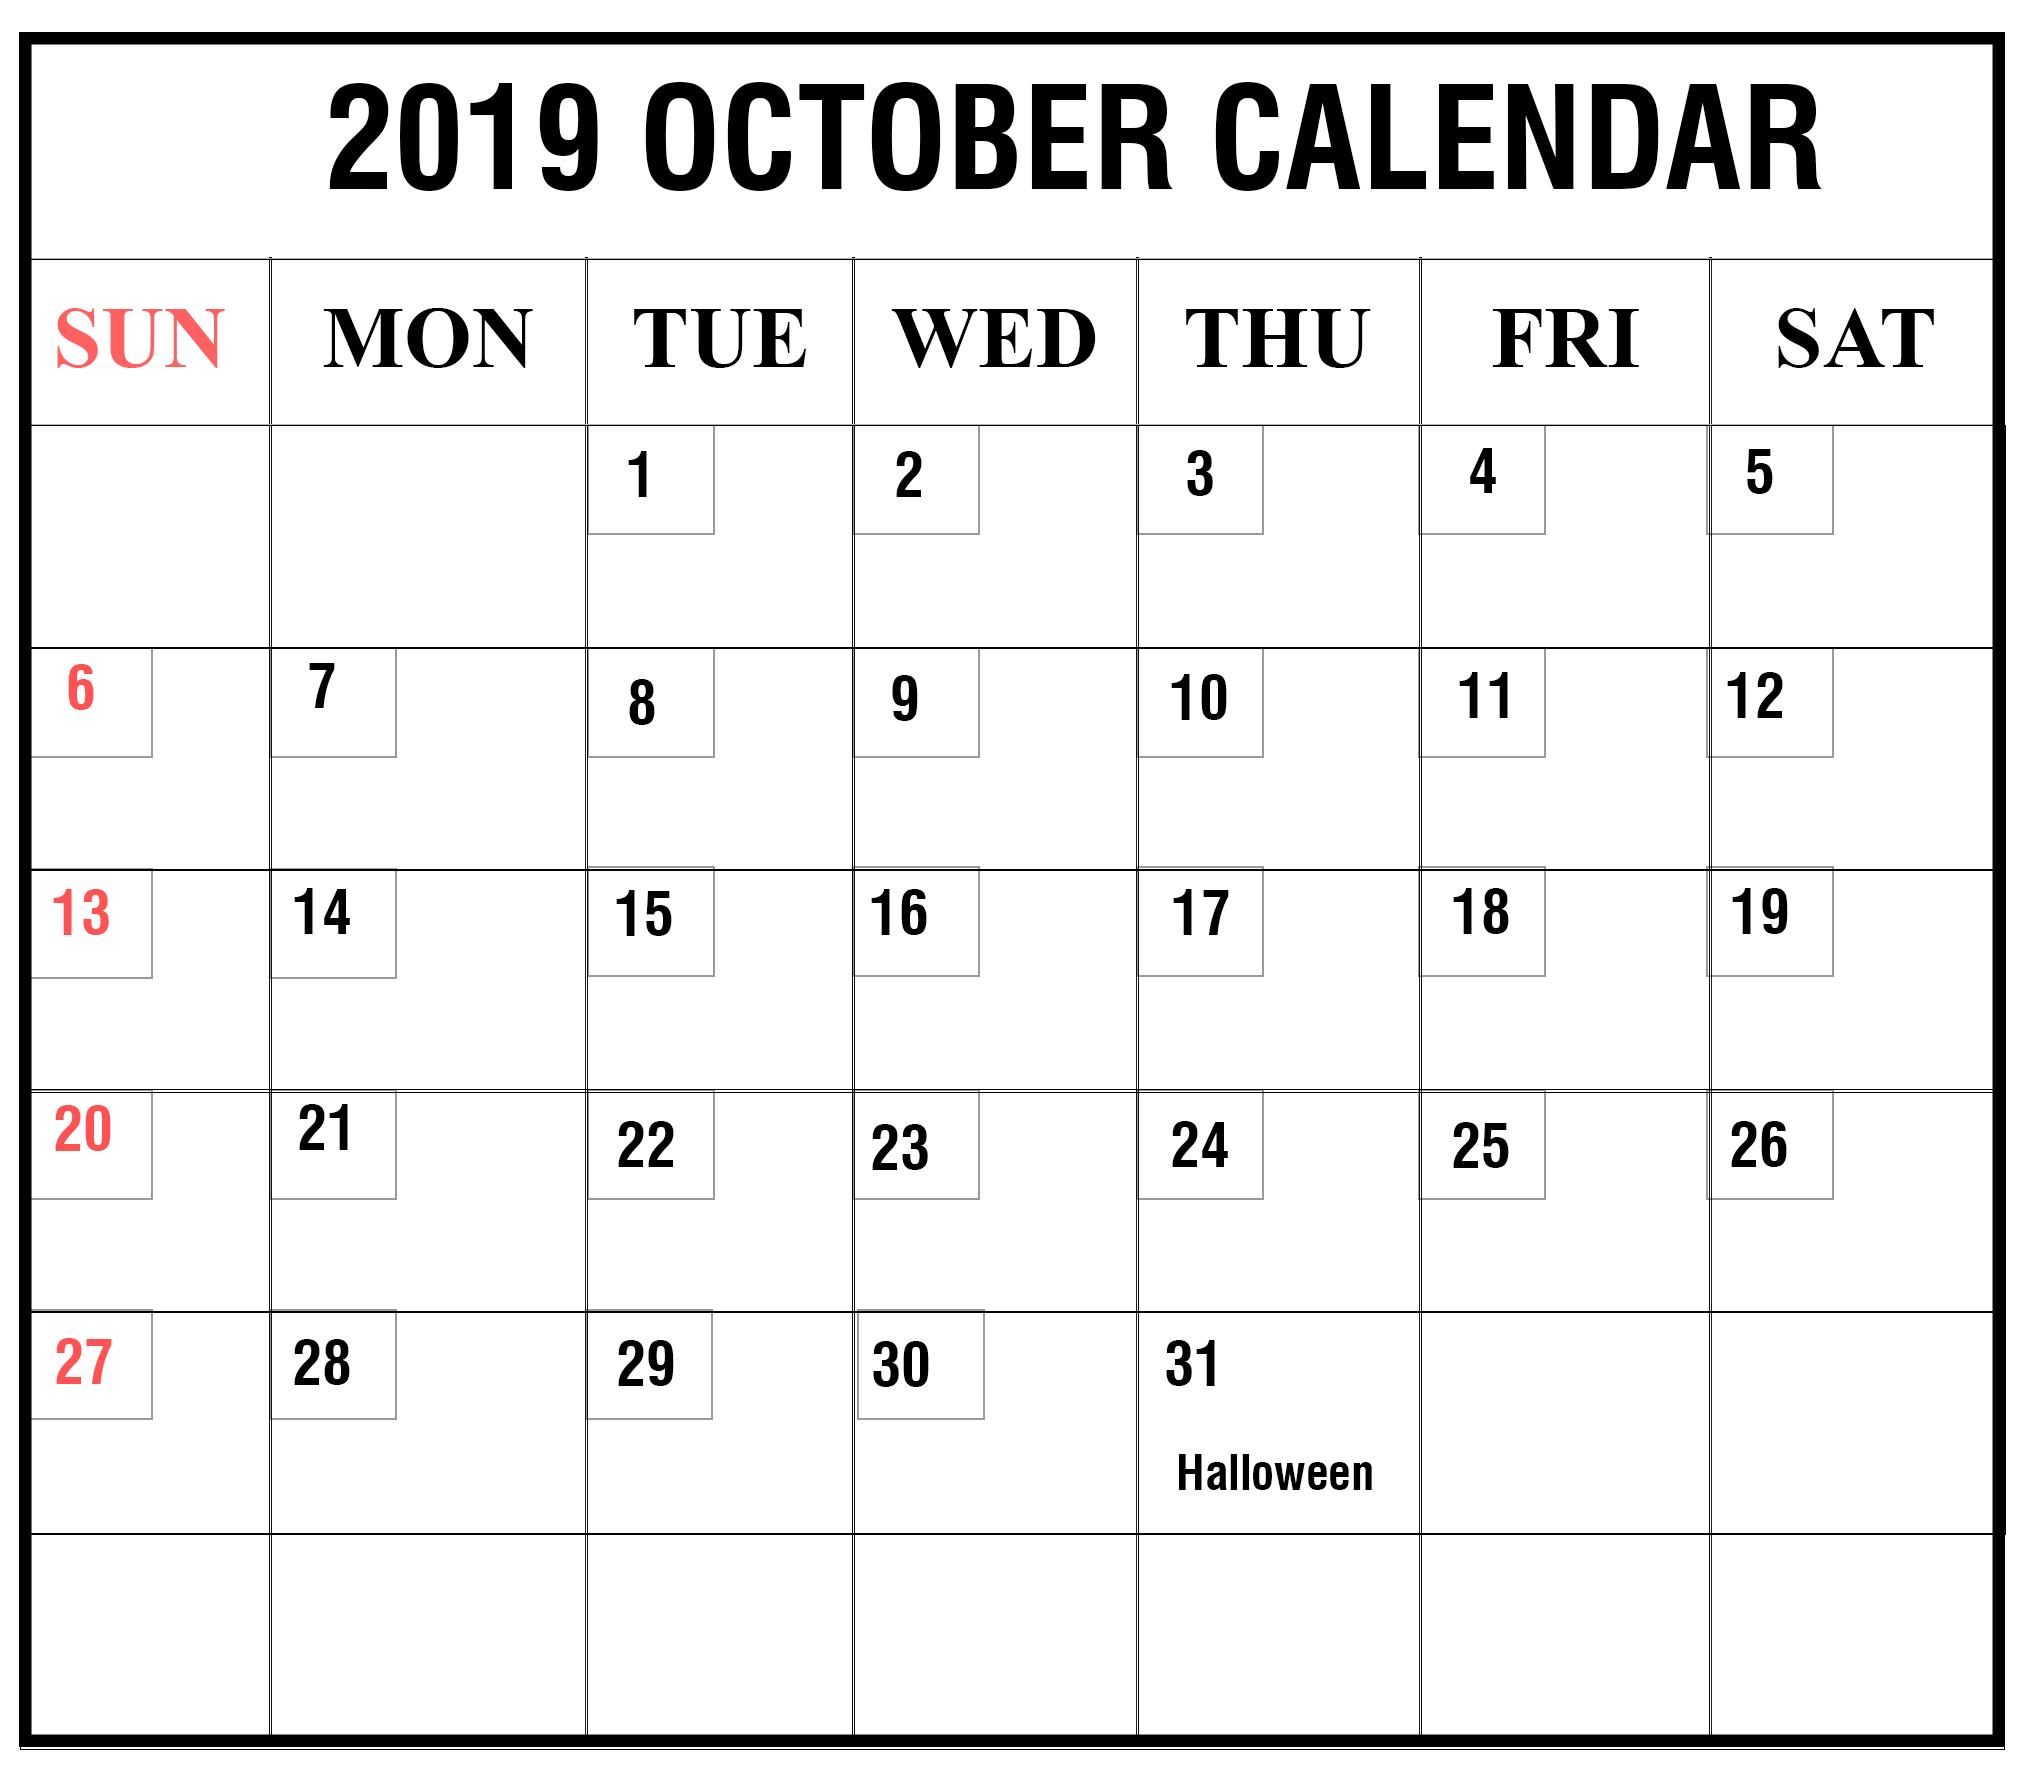 October 2019 Calendar With Holidays Usa, Uk, Canada, India, Australia within Calendar October 2019 Australia Images